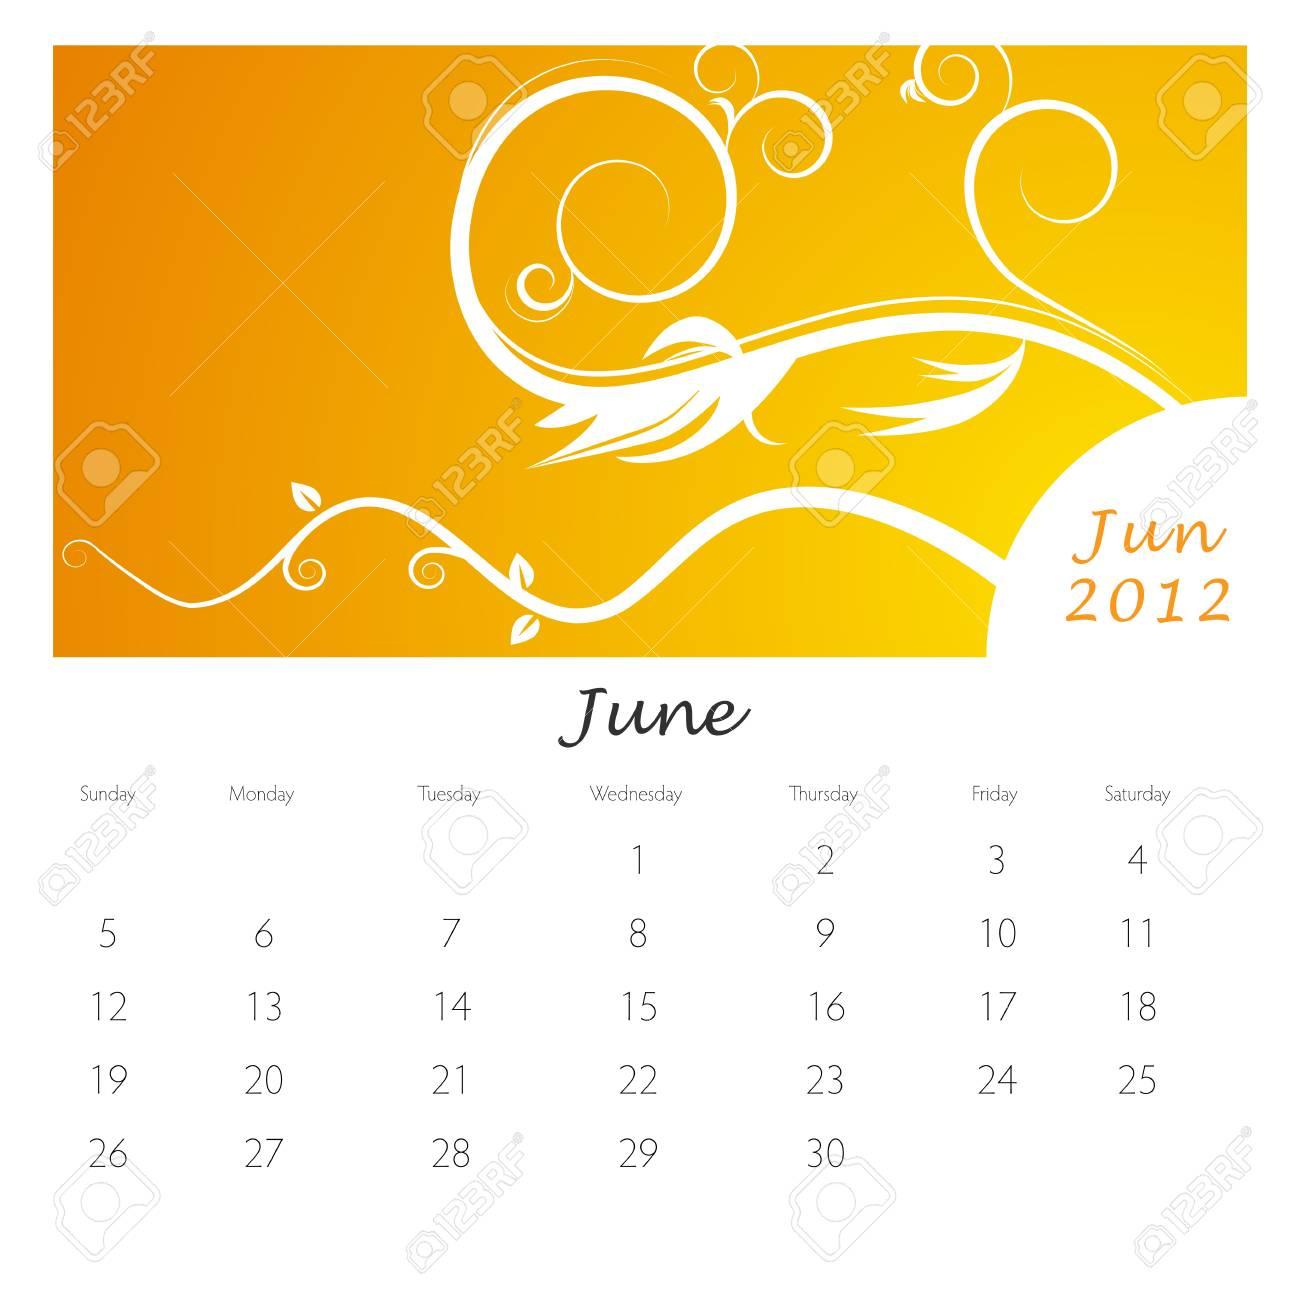 An image of a June 2012 vine swirl calendar. Stock Vector - 9455604